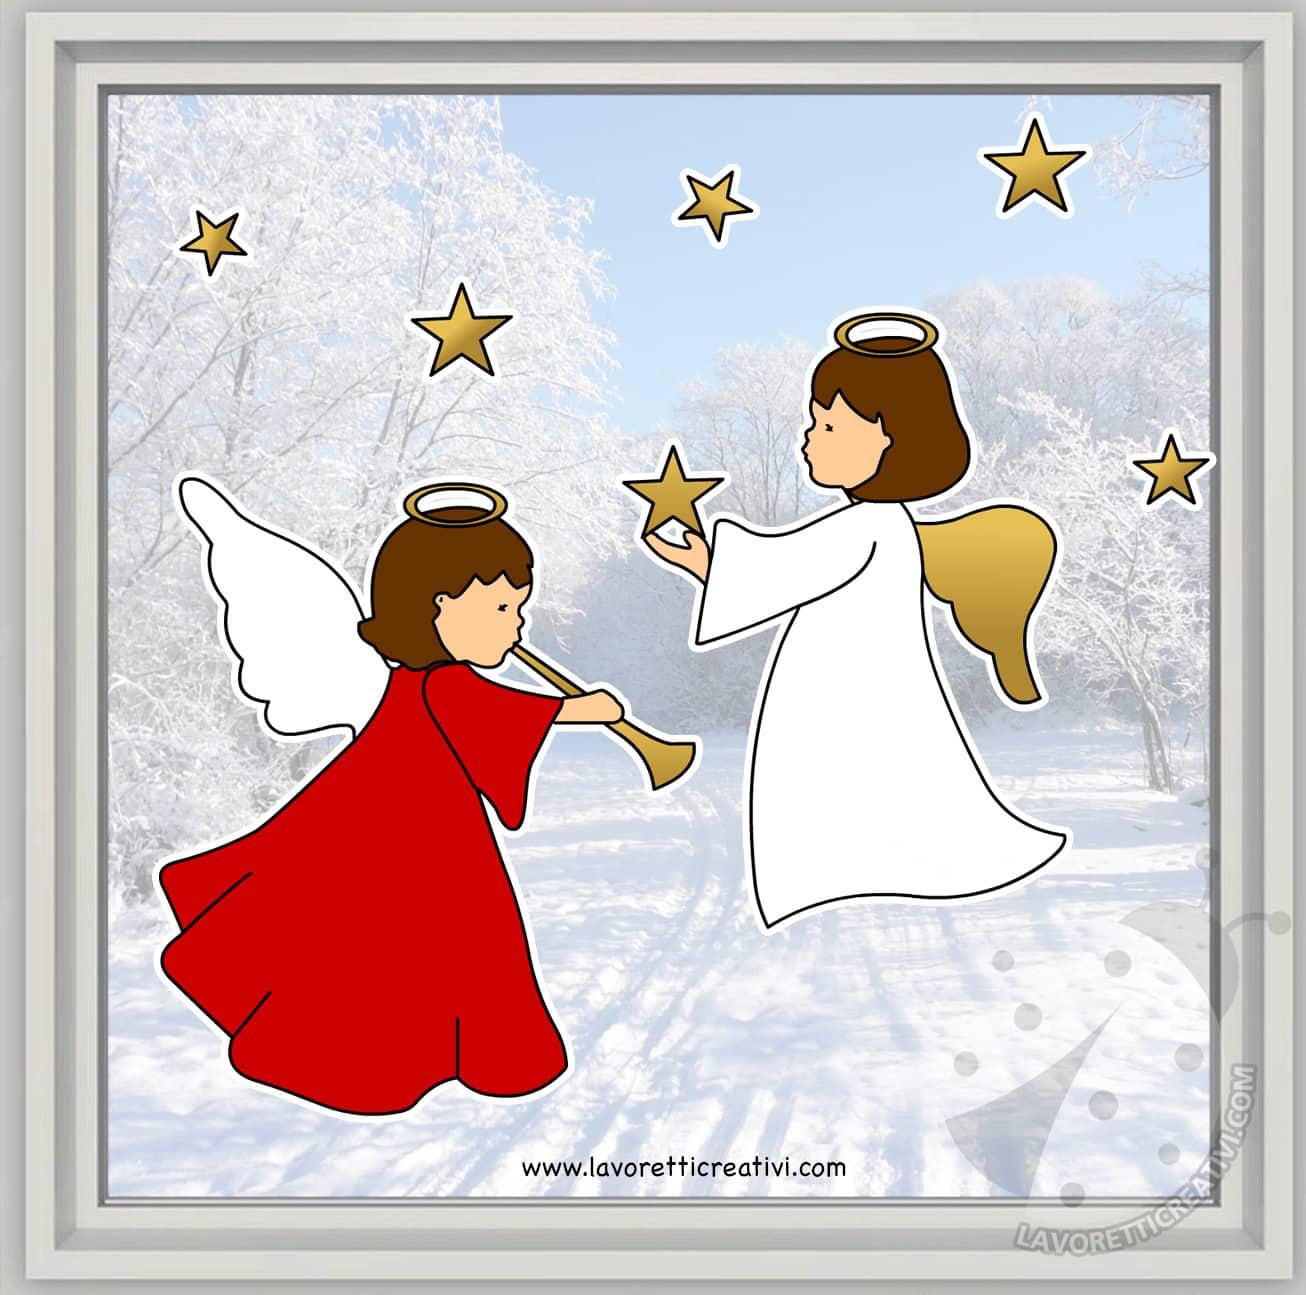 Addobbi natalizi per finestre scuola primaria angeli con - Addobbi natalizi per finestre scuola infanzia ...